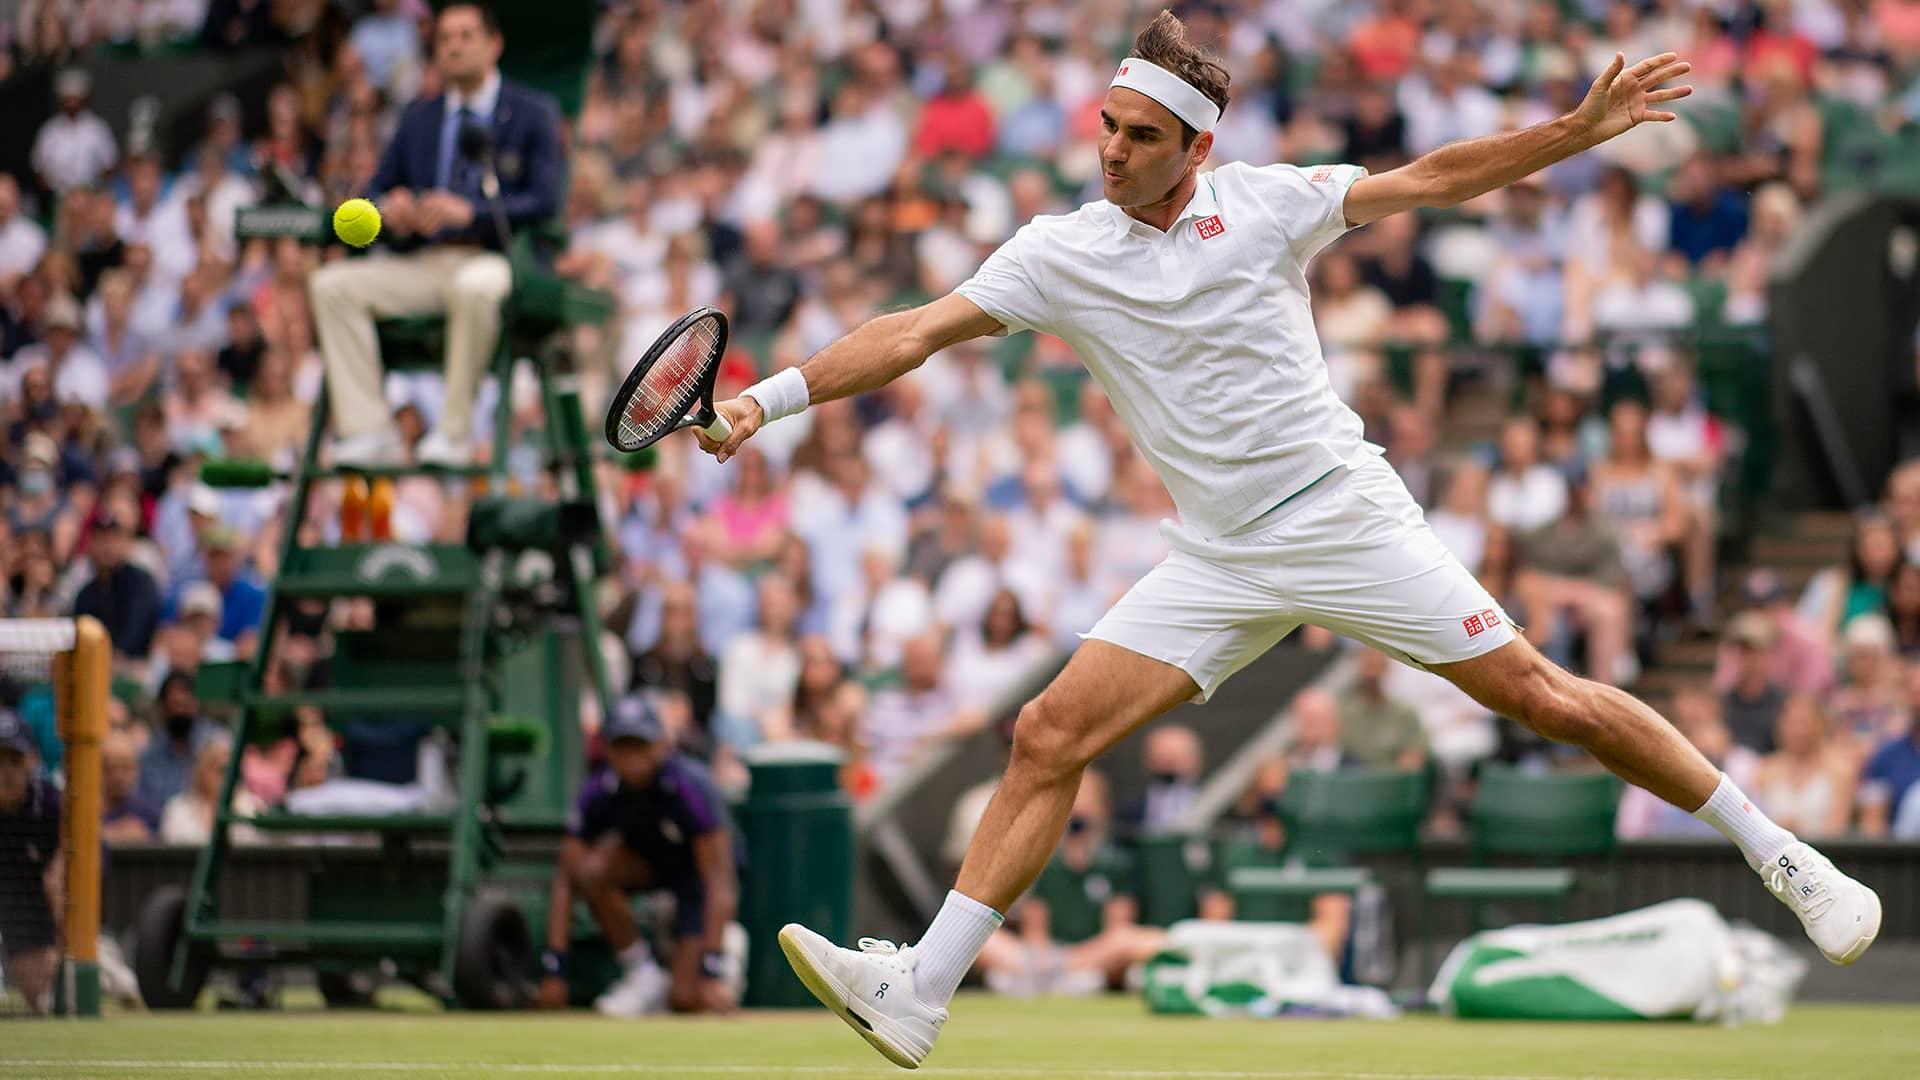 federer wimbledon 2021 thursday2 - Wimbledon: Napredoval Federer, najstarejši igralec v zadnjih 46 letih v tretjem krogu